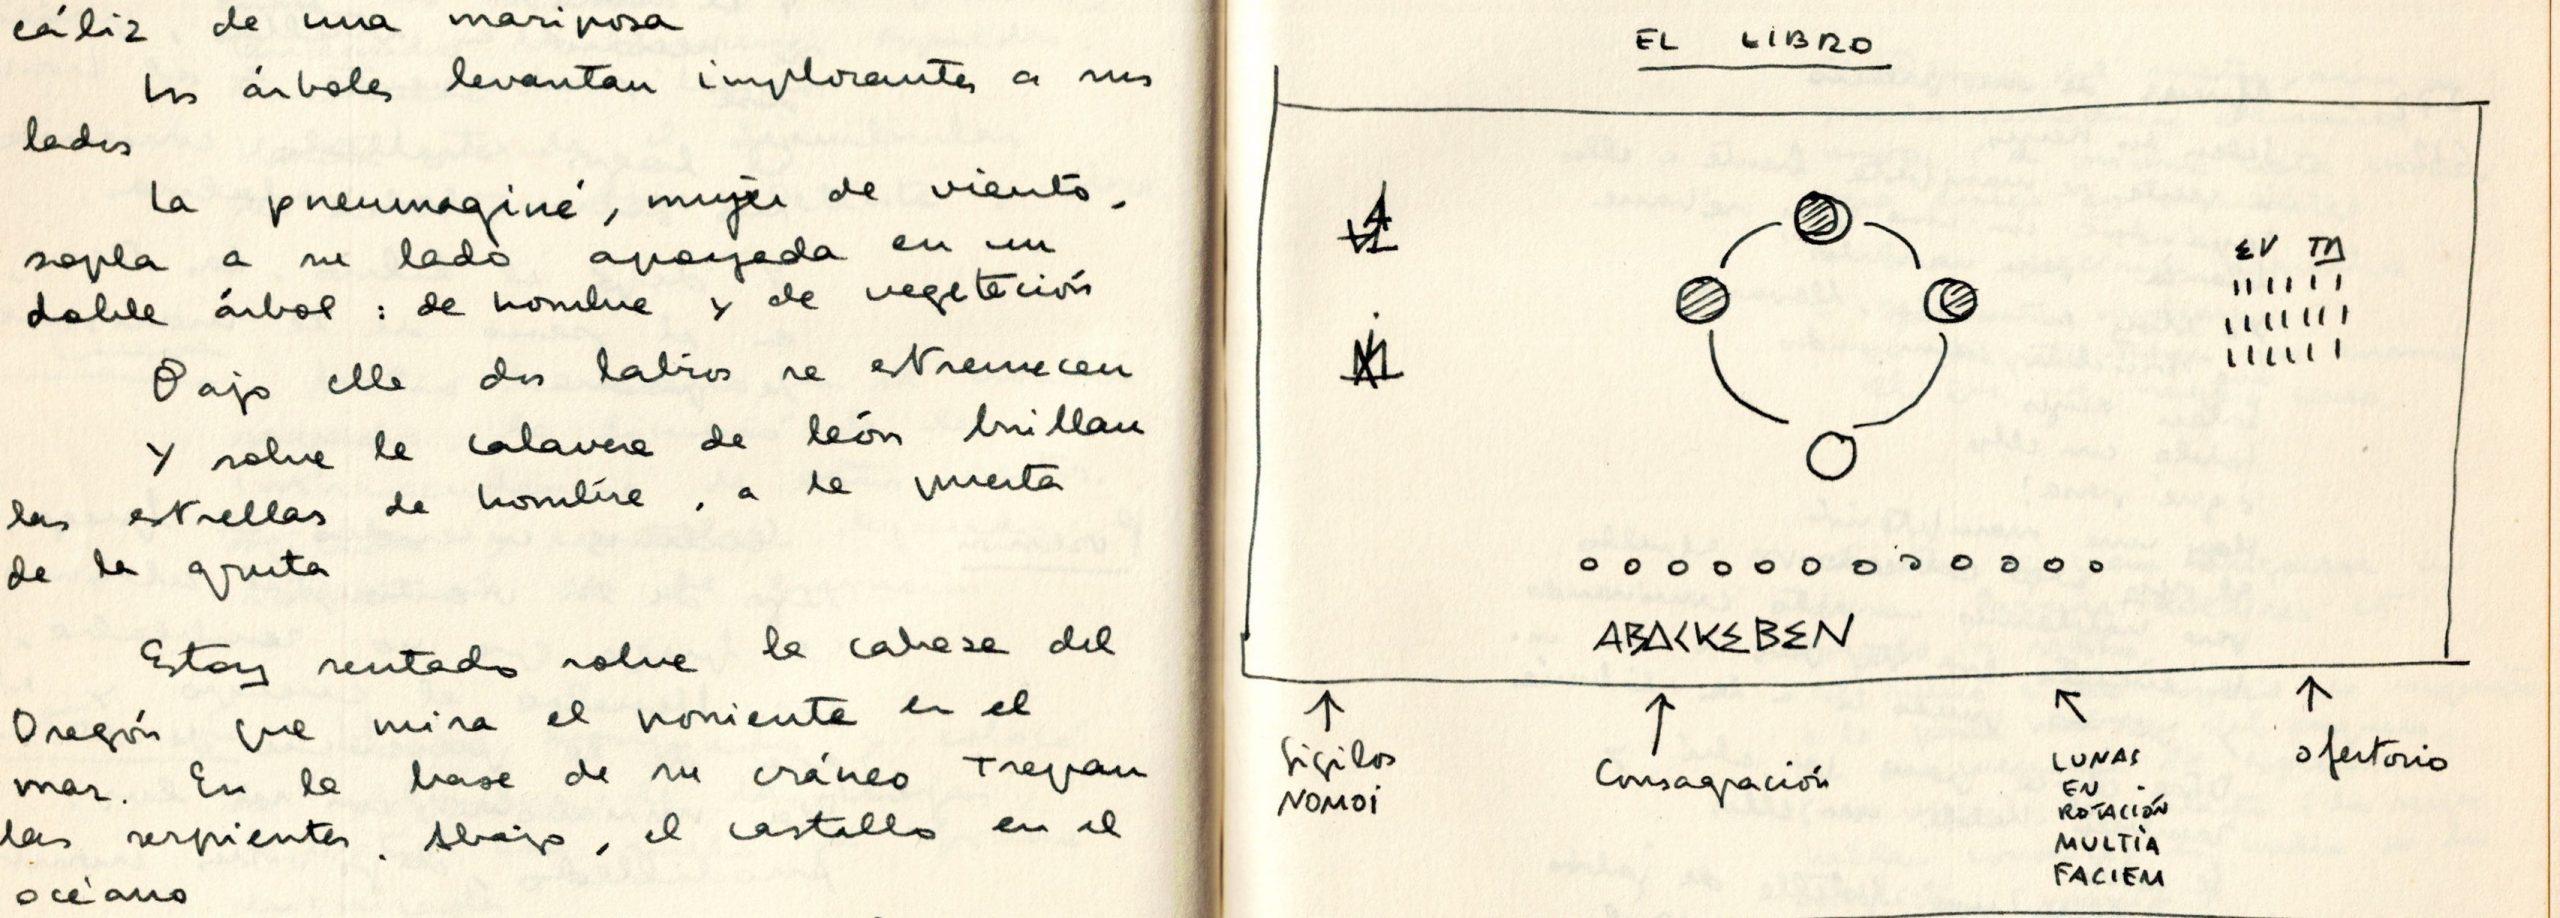 Descubre la 'Biblioteca oculta' de Carlos Garrido